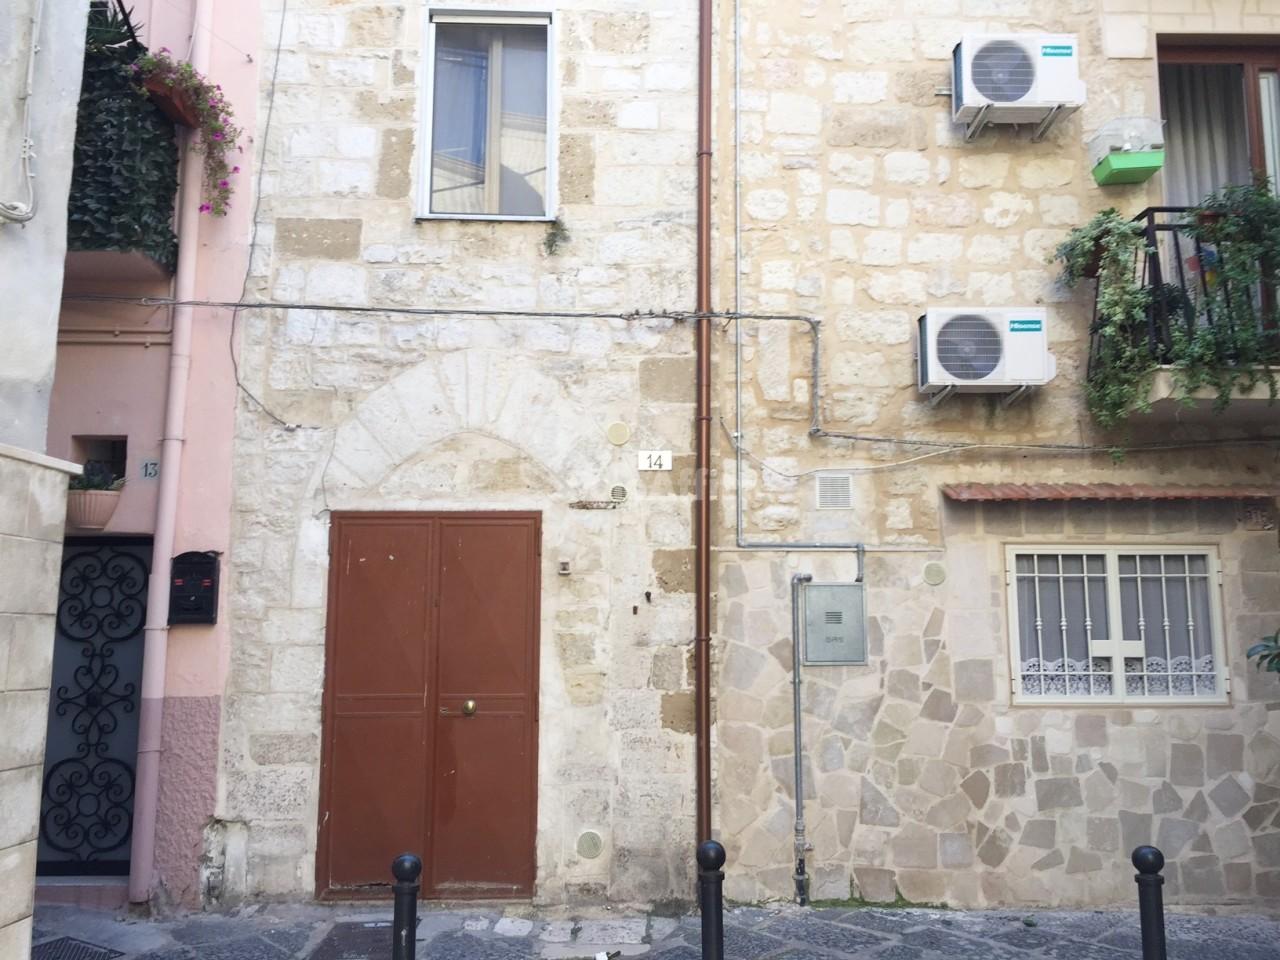 Bilocale Bari Strada Dietro Tresca 14 8